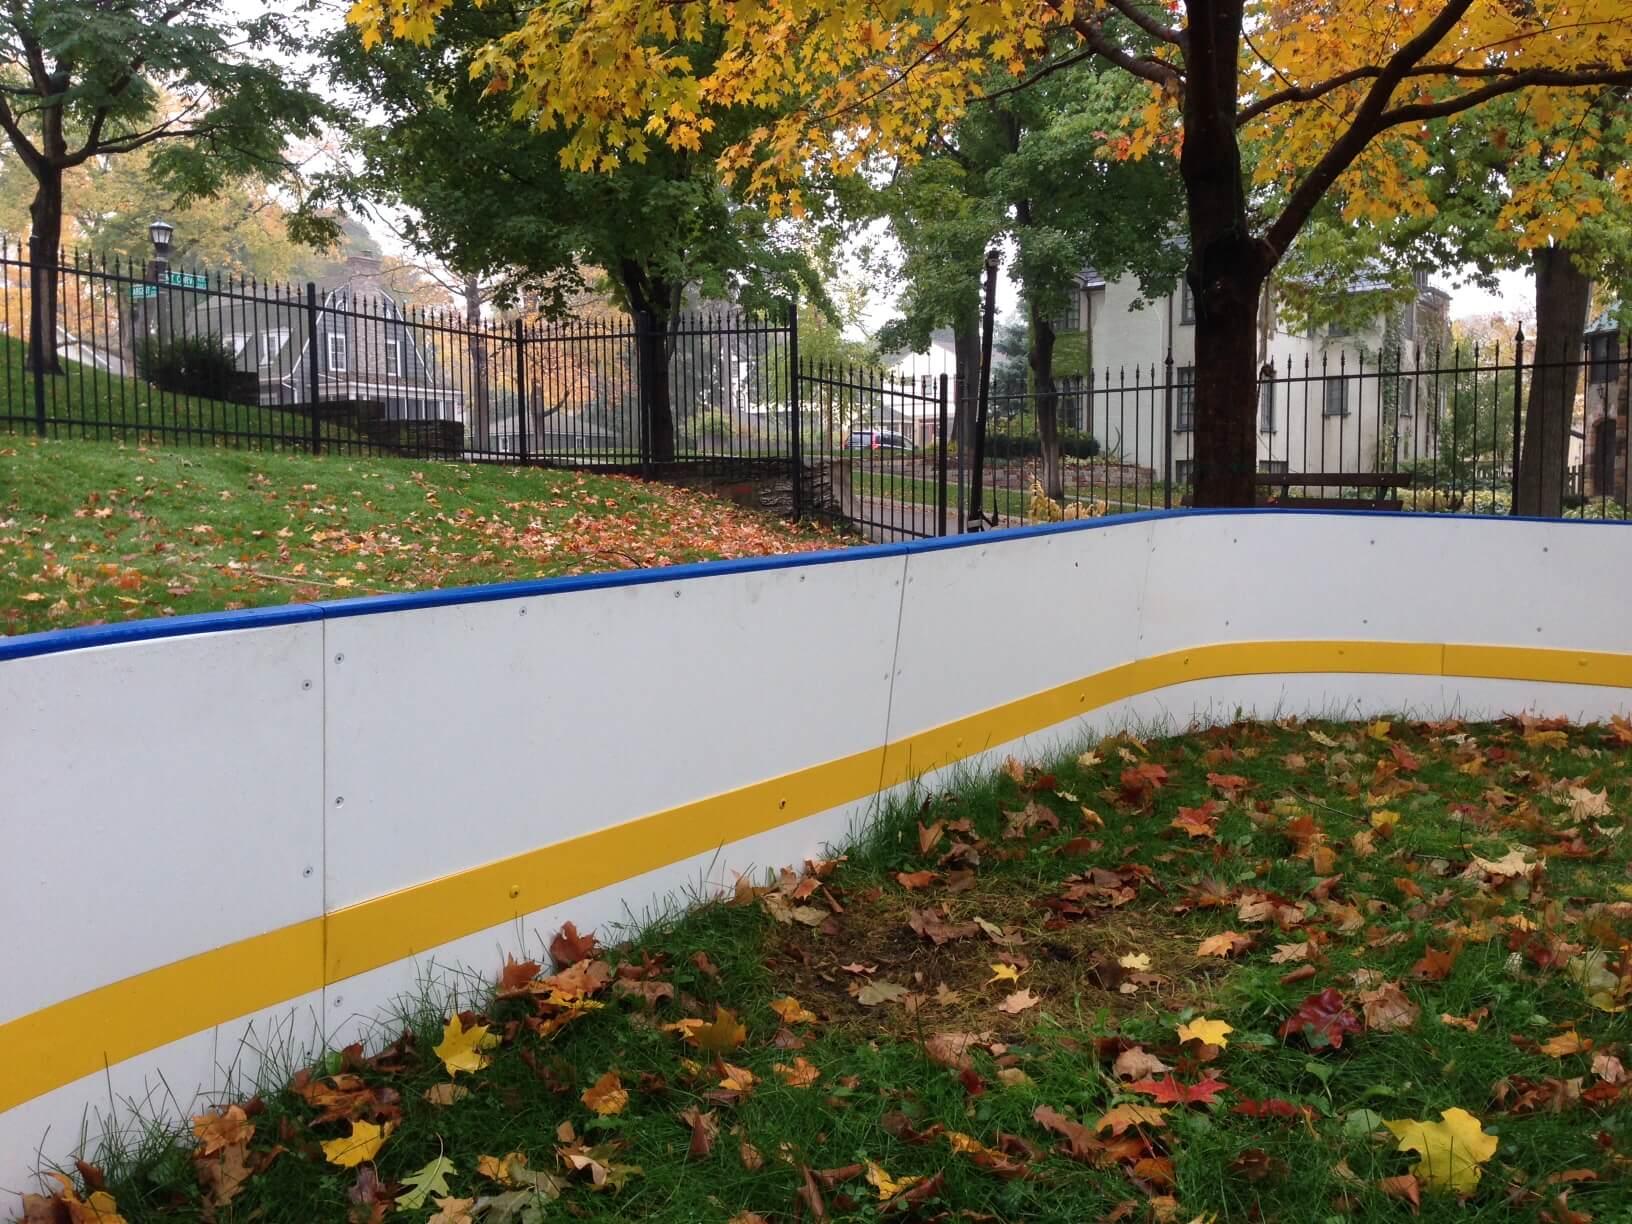 d1 backyard rink